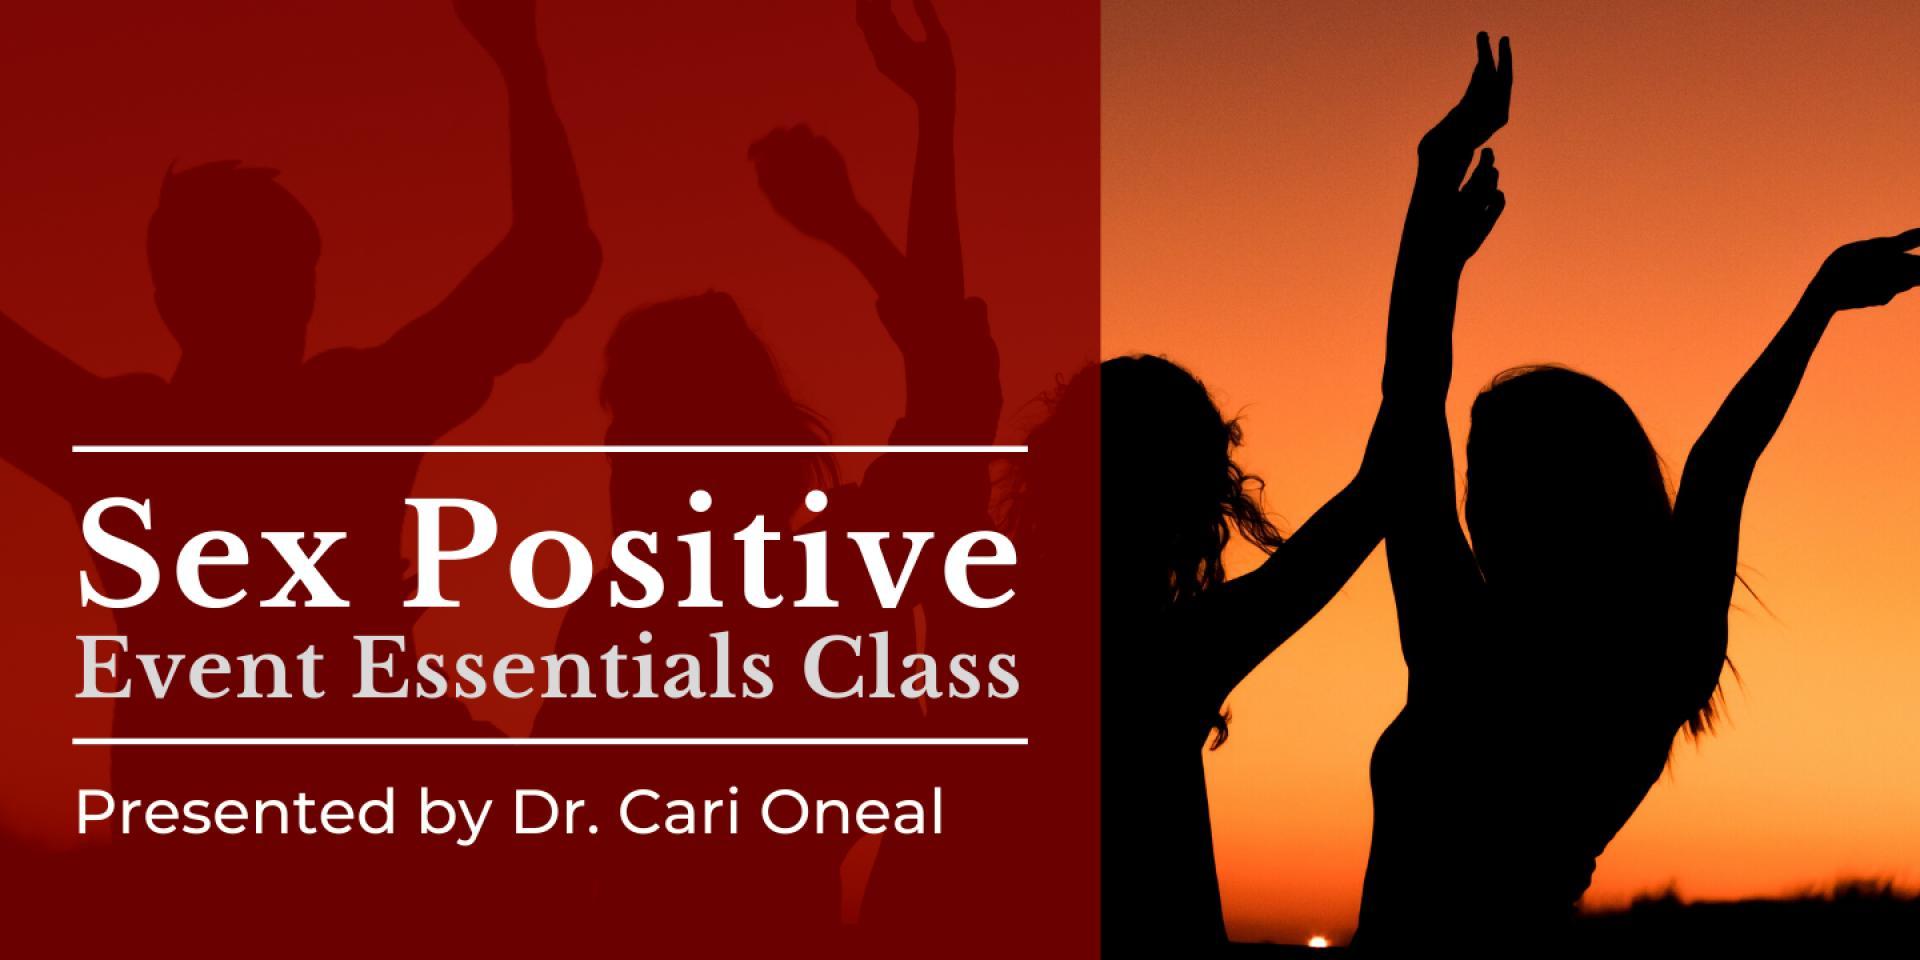 Sex Positive Event Essentials